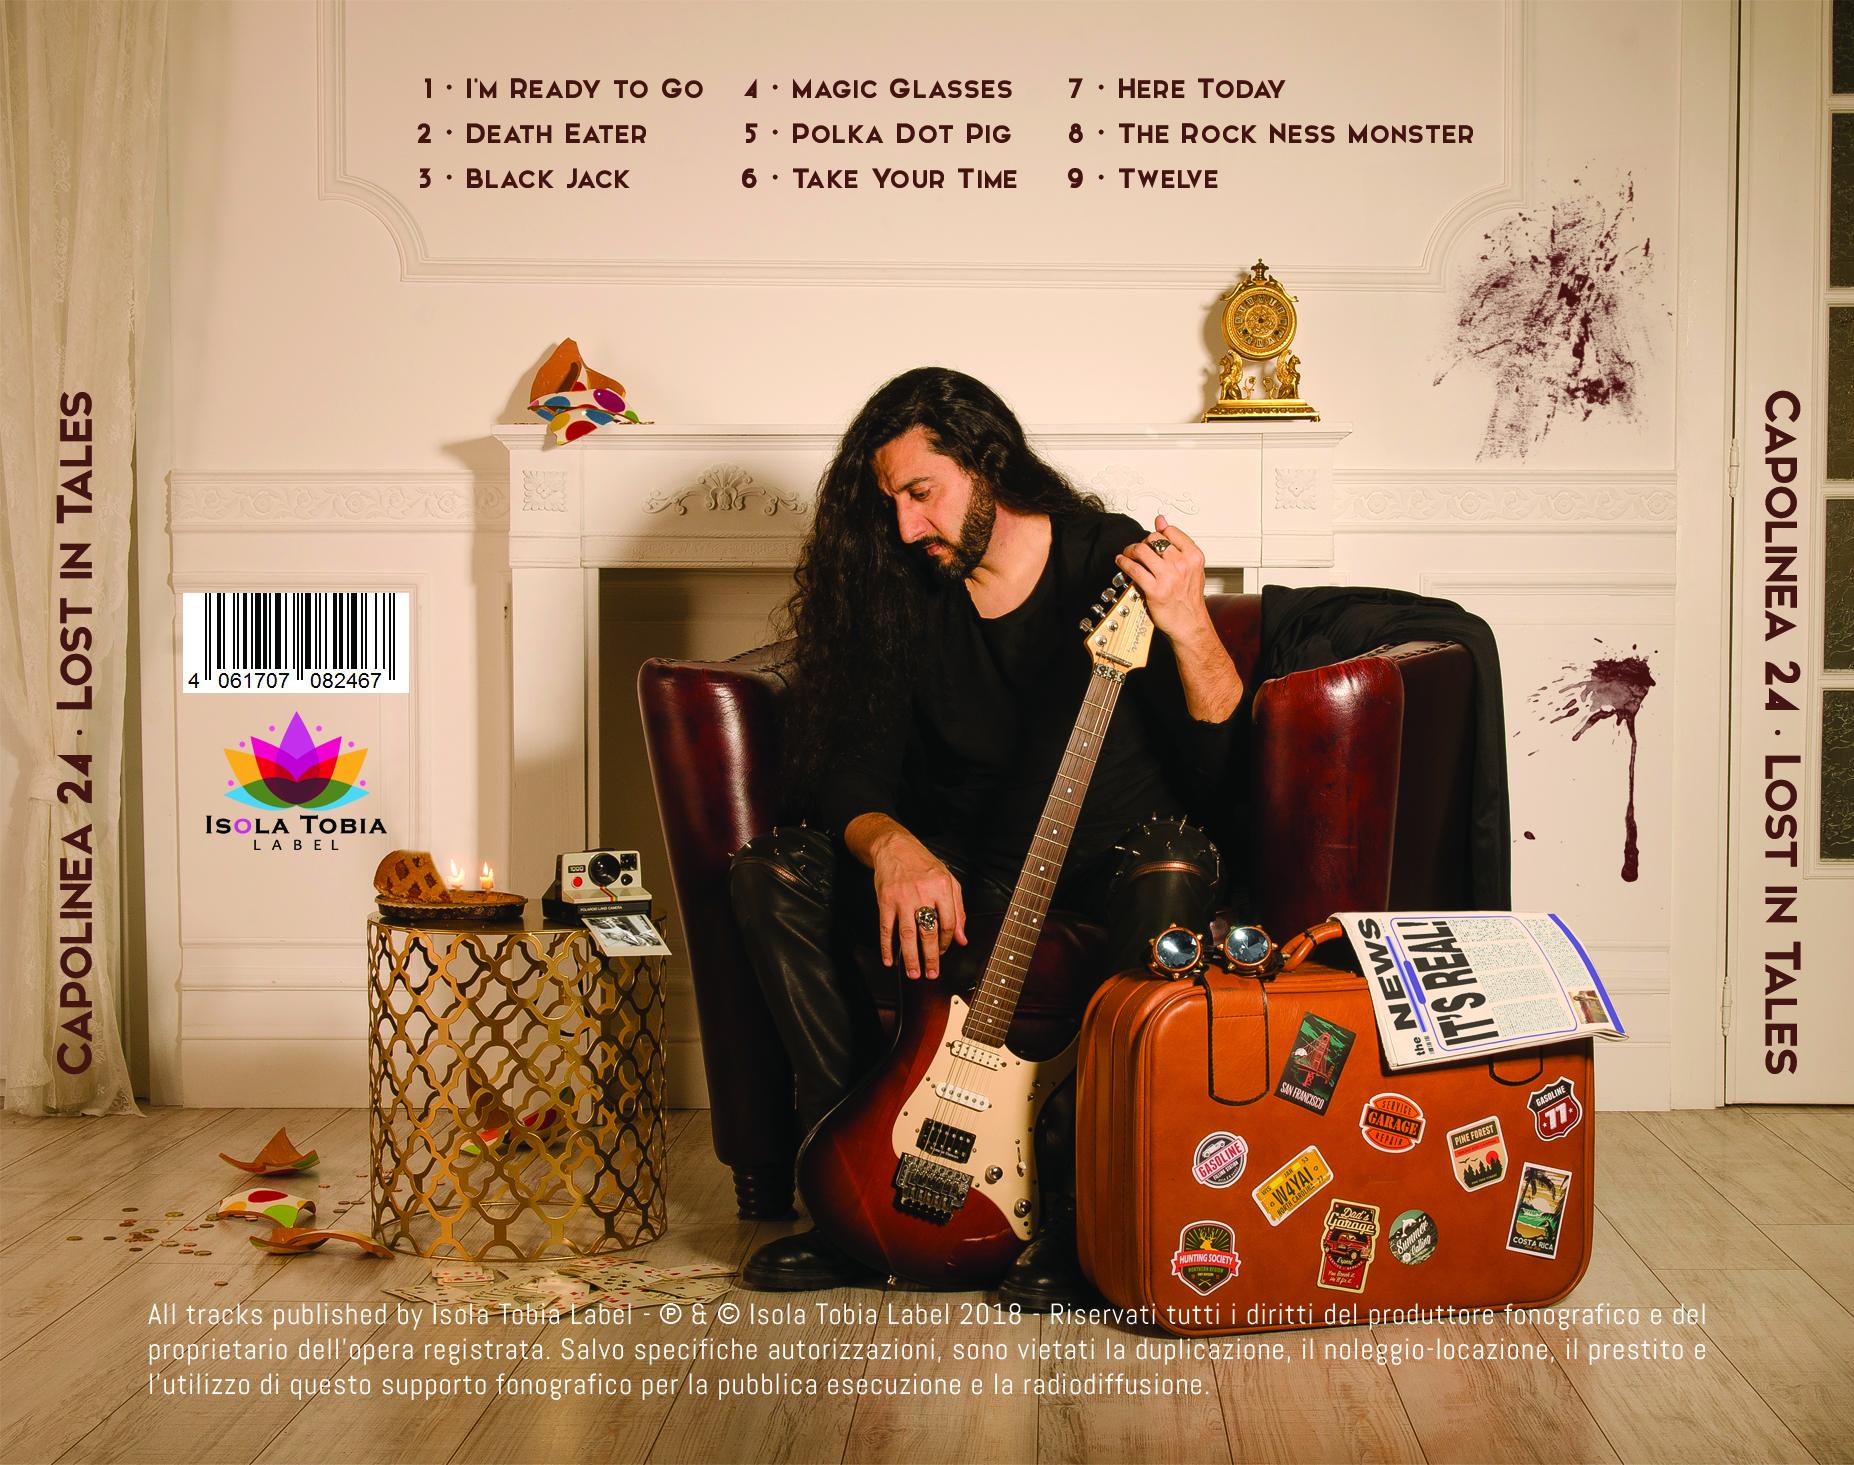 foto del retro cd album grafica stampa